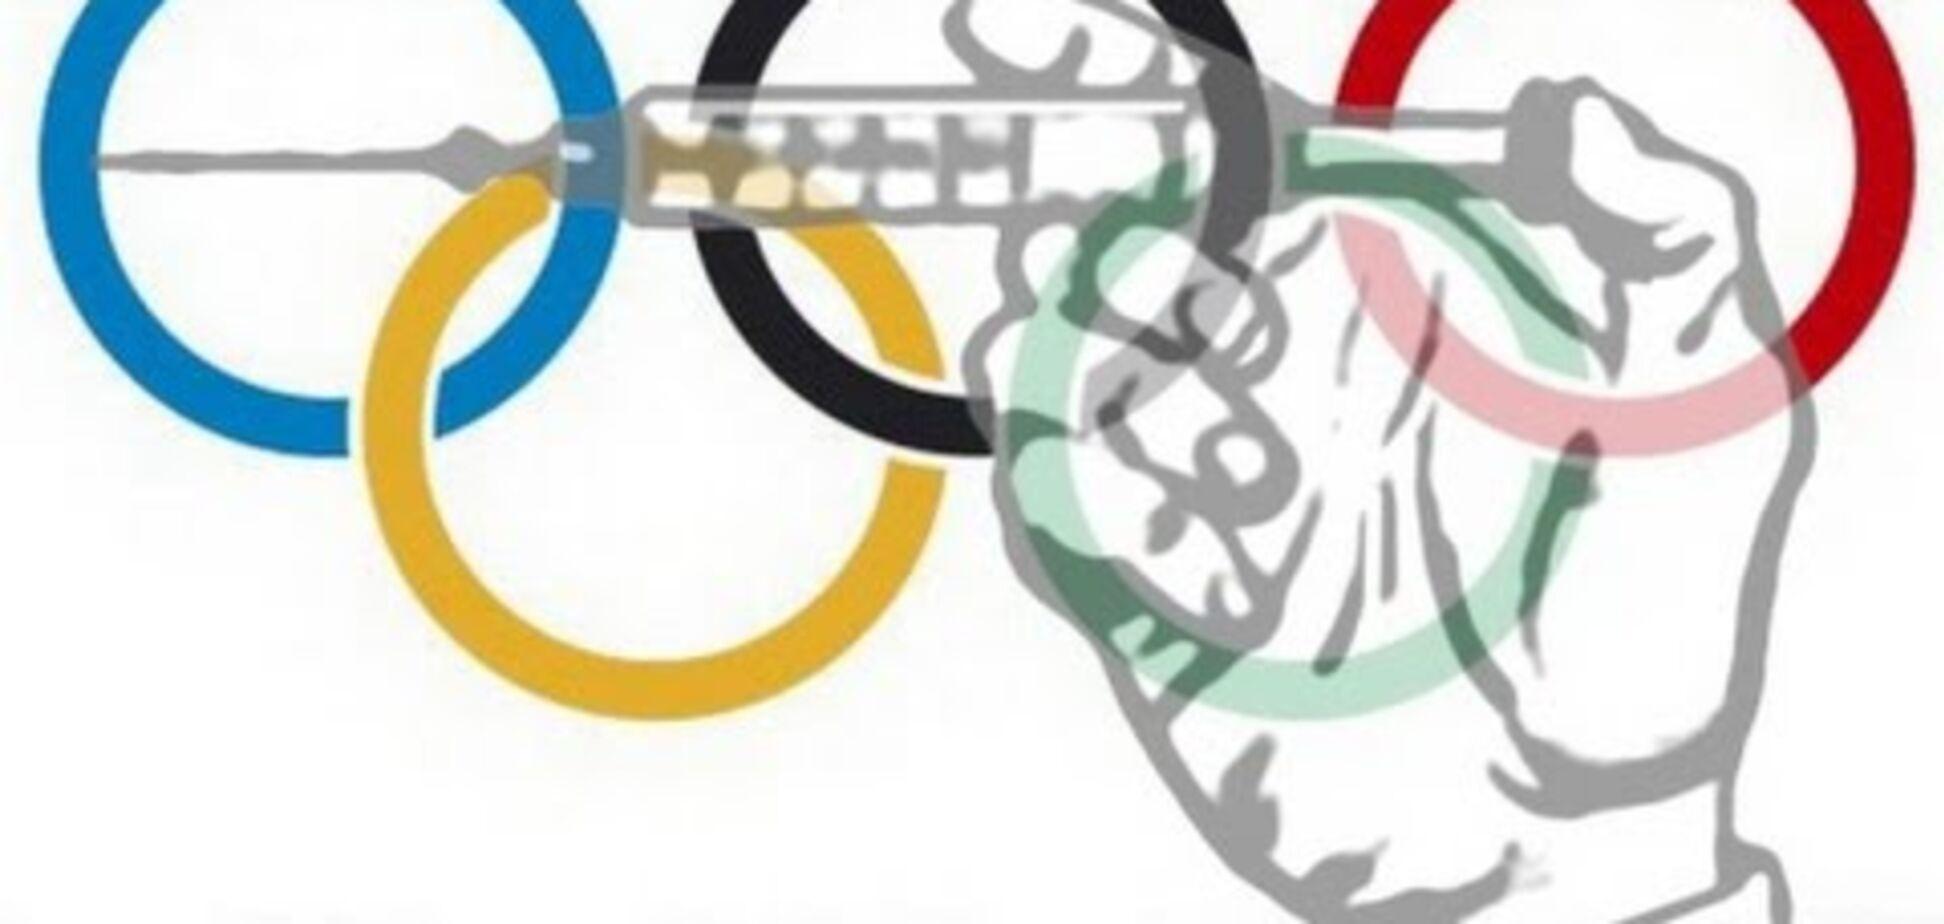 Російських спортсменів закликали зізнатися у допінгу на Олімпіаді-2014